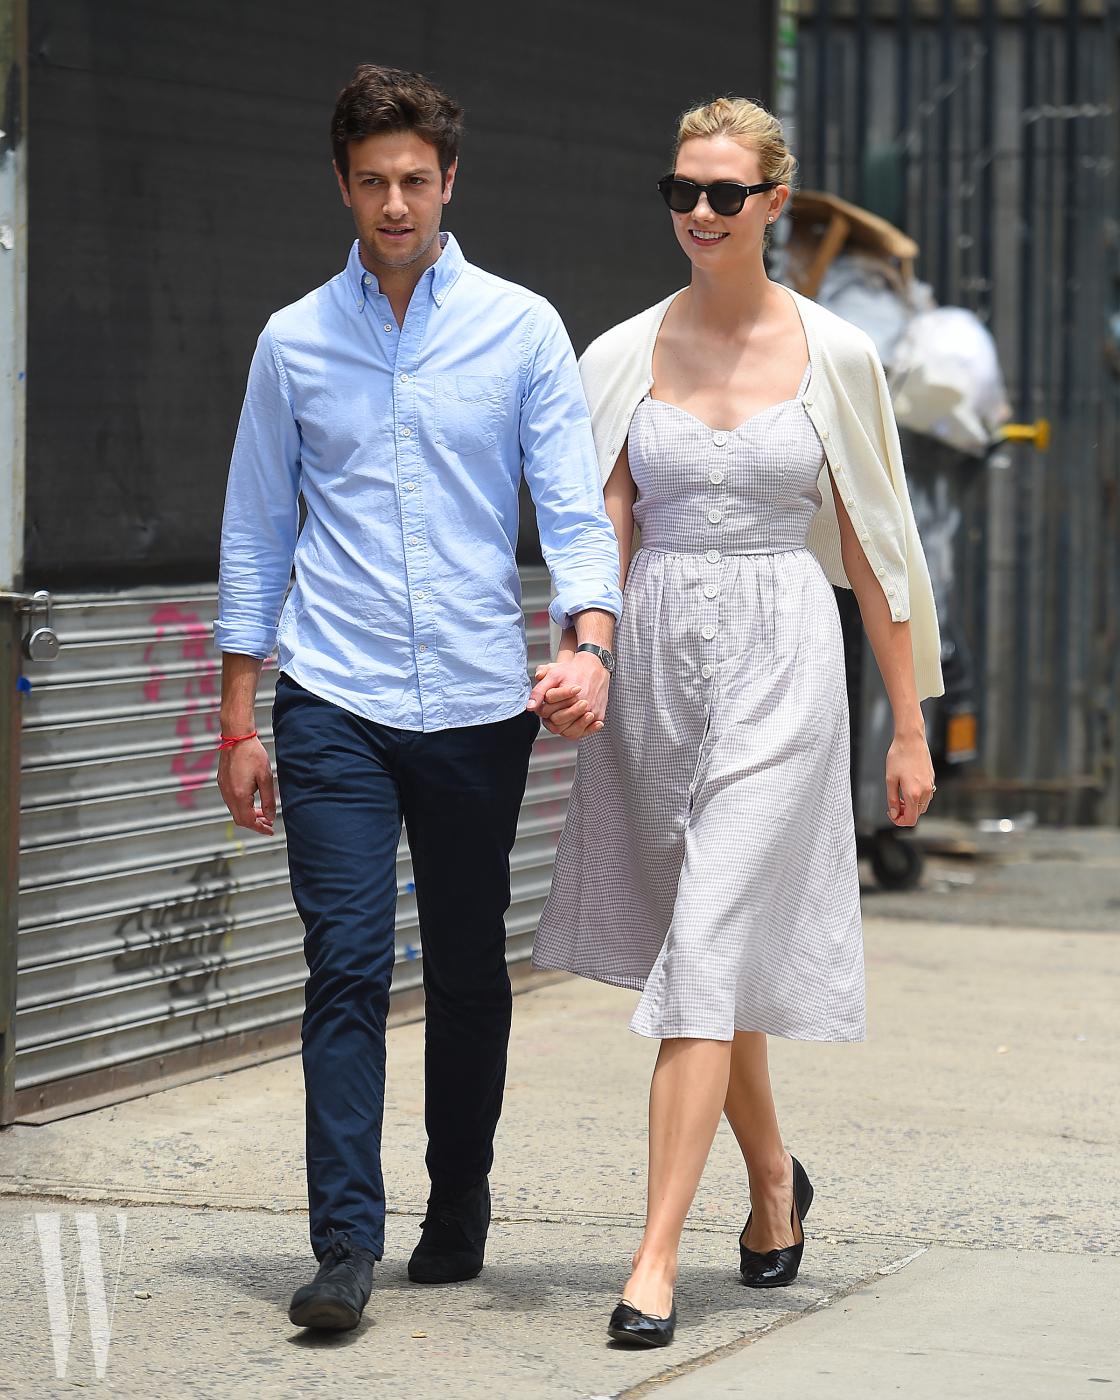 Karlie Kloss and Joshua Kushner seen holding hands in Soho,New York City